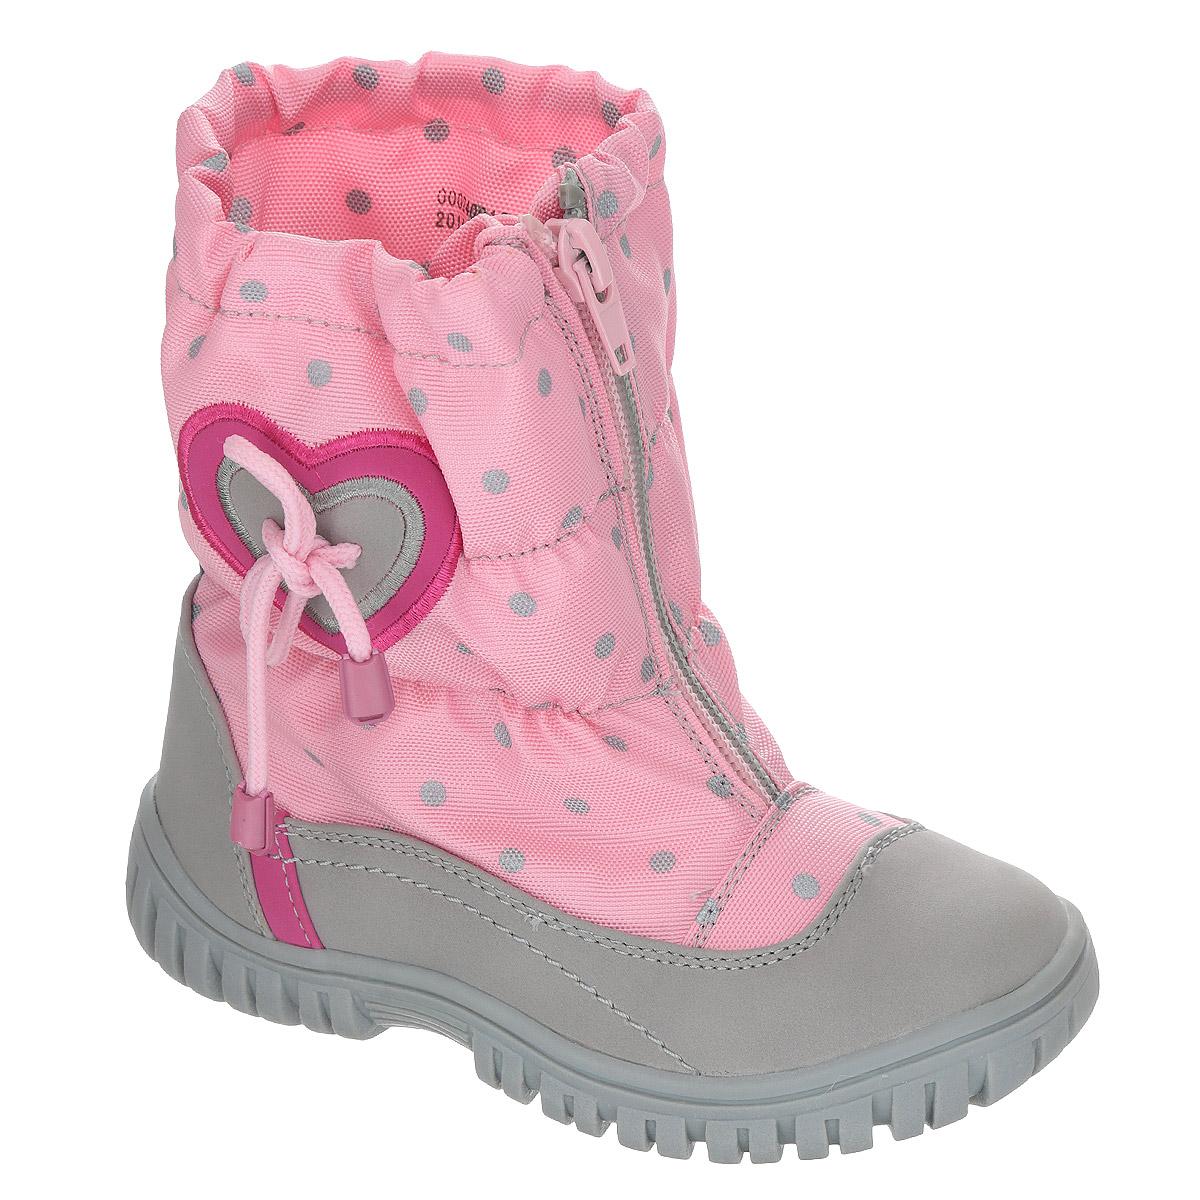 Сапоги для девочки Аллигаша, цвет: светло-розовый, серый. 000240014. Размер 21 (20)000240014Замечательные сапоги для девочки Аллигаша, изготовленные из современных материалов, обеспечат удобство и комфорт ножкам вашей малышки в прохладную погоду. Верх выполнен из комбинаций искусственной кожи (нубука) и текстиля с пропиткой от промокания, а также оформлен аппликацией в виде сердечка с декоративным шнурочком, гороховым принтом и прострочкой. Модель на высокой рифленой подошве с округлым мыском обеспечивает удобство и практичность на каждый день. Удобная пяточная часть укреплена и дополнена светоотражающим элементом. Внутренняя отделка из текстиля и шерсти. Застежка-молния по линии подъема с защитой от промокания обеспечивает практичность и комфортную фиксацию модели на ноге. Стелька из натуральной шерсти не даст ножке замерзнуть. Прорезиненная подошва с протектором обеспечивает удобство и комфорт в носке при любой погоде.В таких сапожках ножкам вашего ребенка всегда будет комфортно, уютно и тепло!